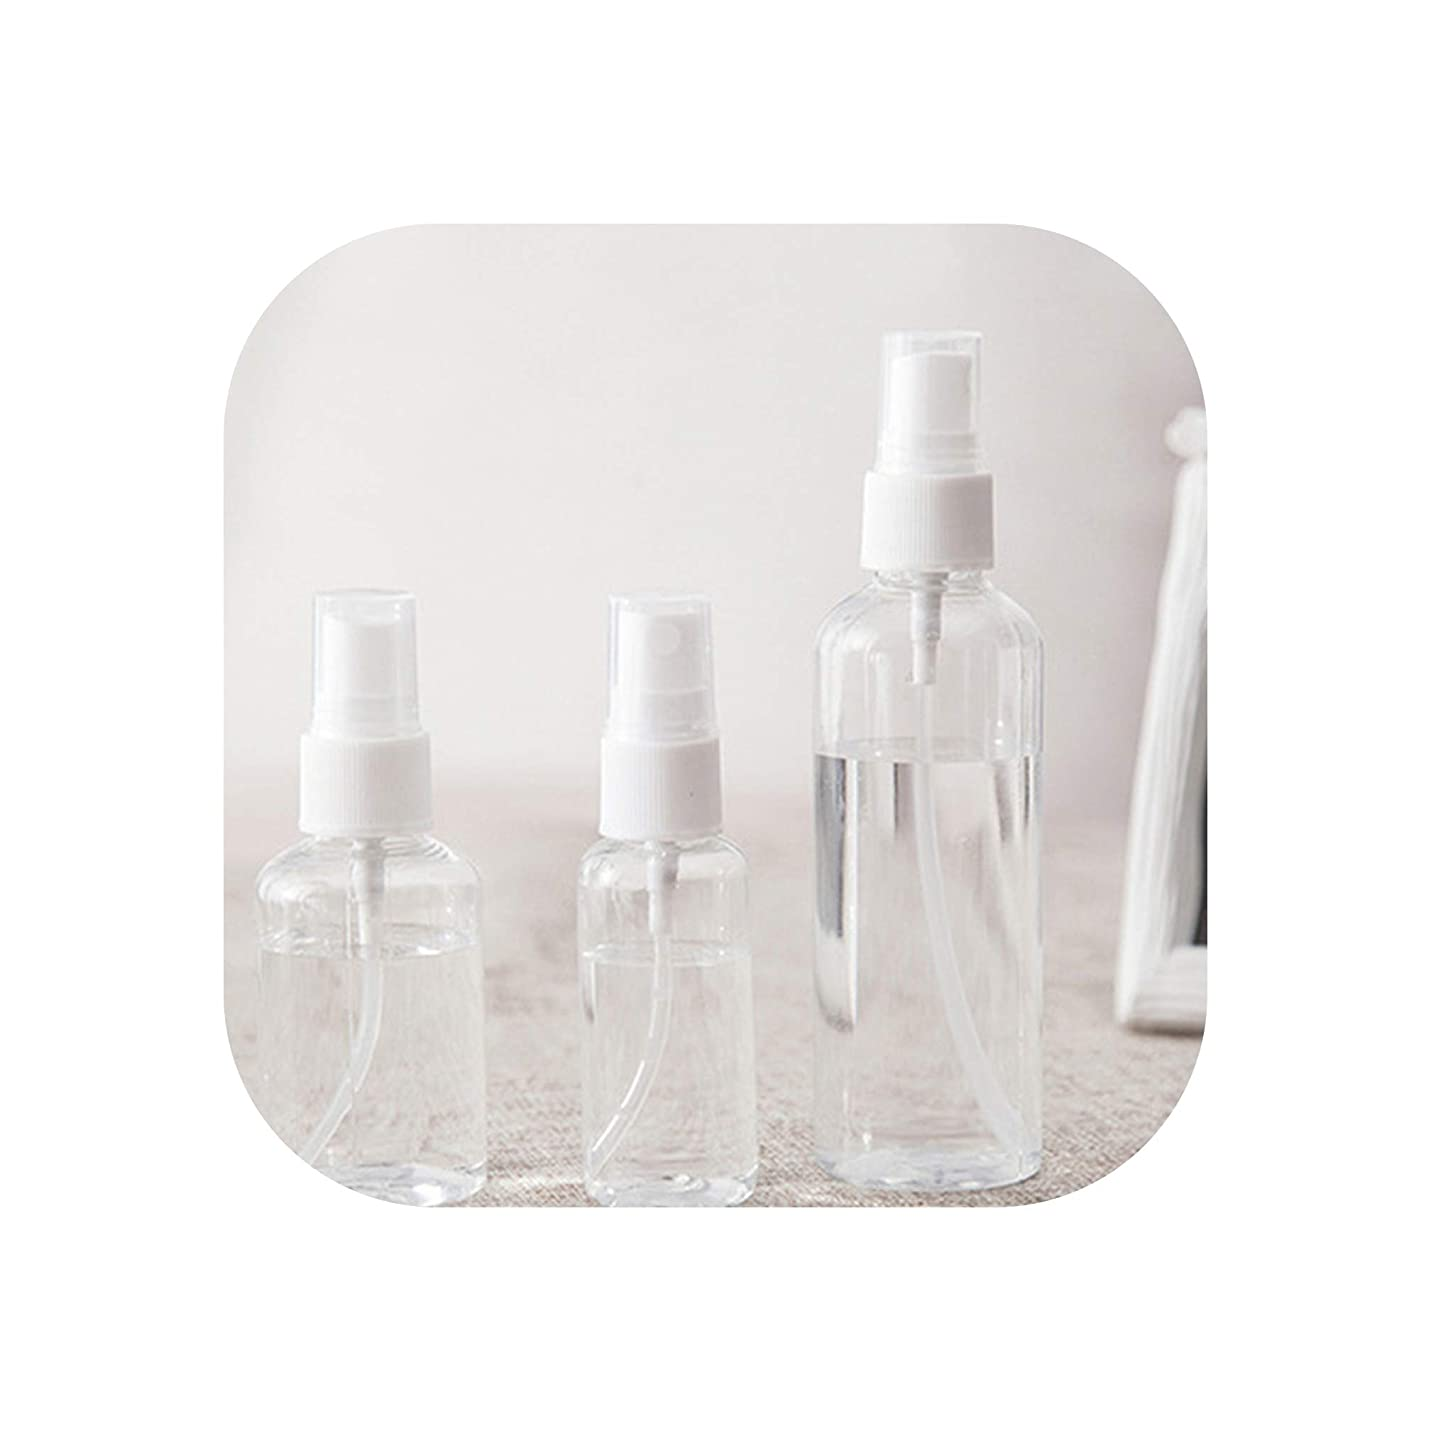 透明に紀元前画像1 PCS 30ミリリットルの50ミリリットル100ミリリットルランダムな色旅行透明なプラスチック製の香水アトマイザースモールミニ空のスプレー詰め替えボトル、100ミリリットル